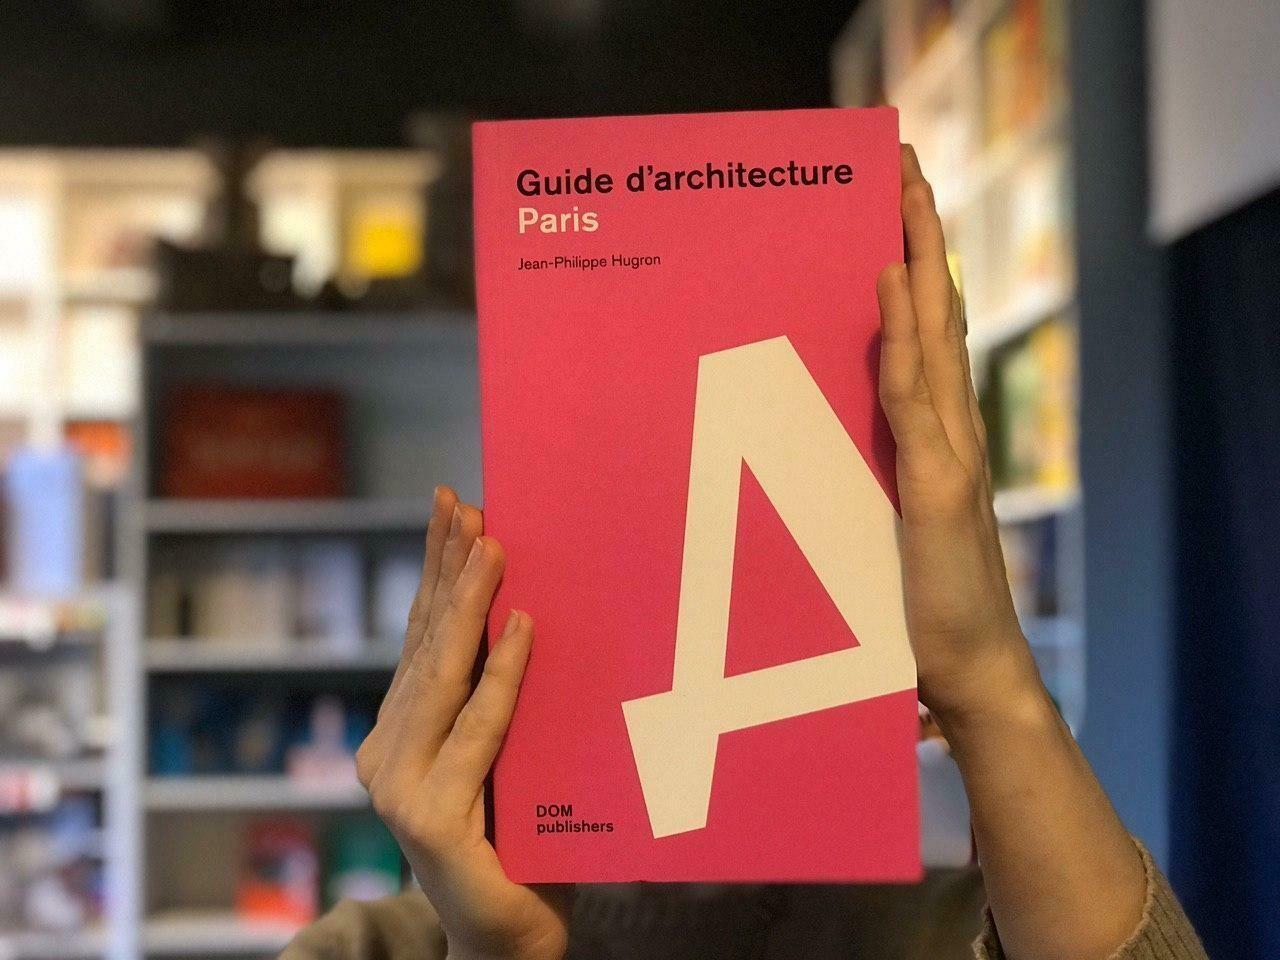 Париж. Архитектурный путеводитель (Французский)